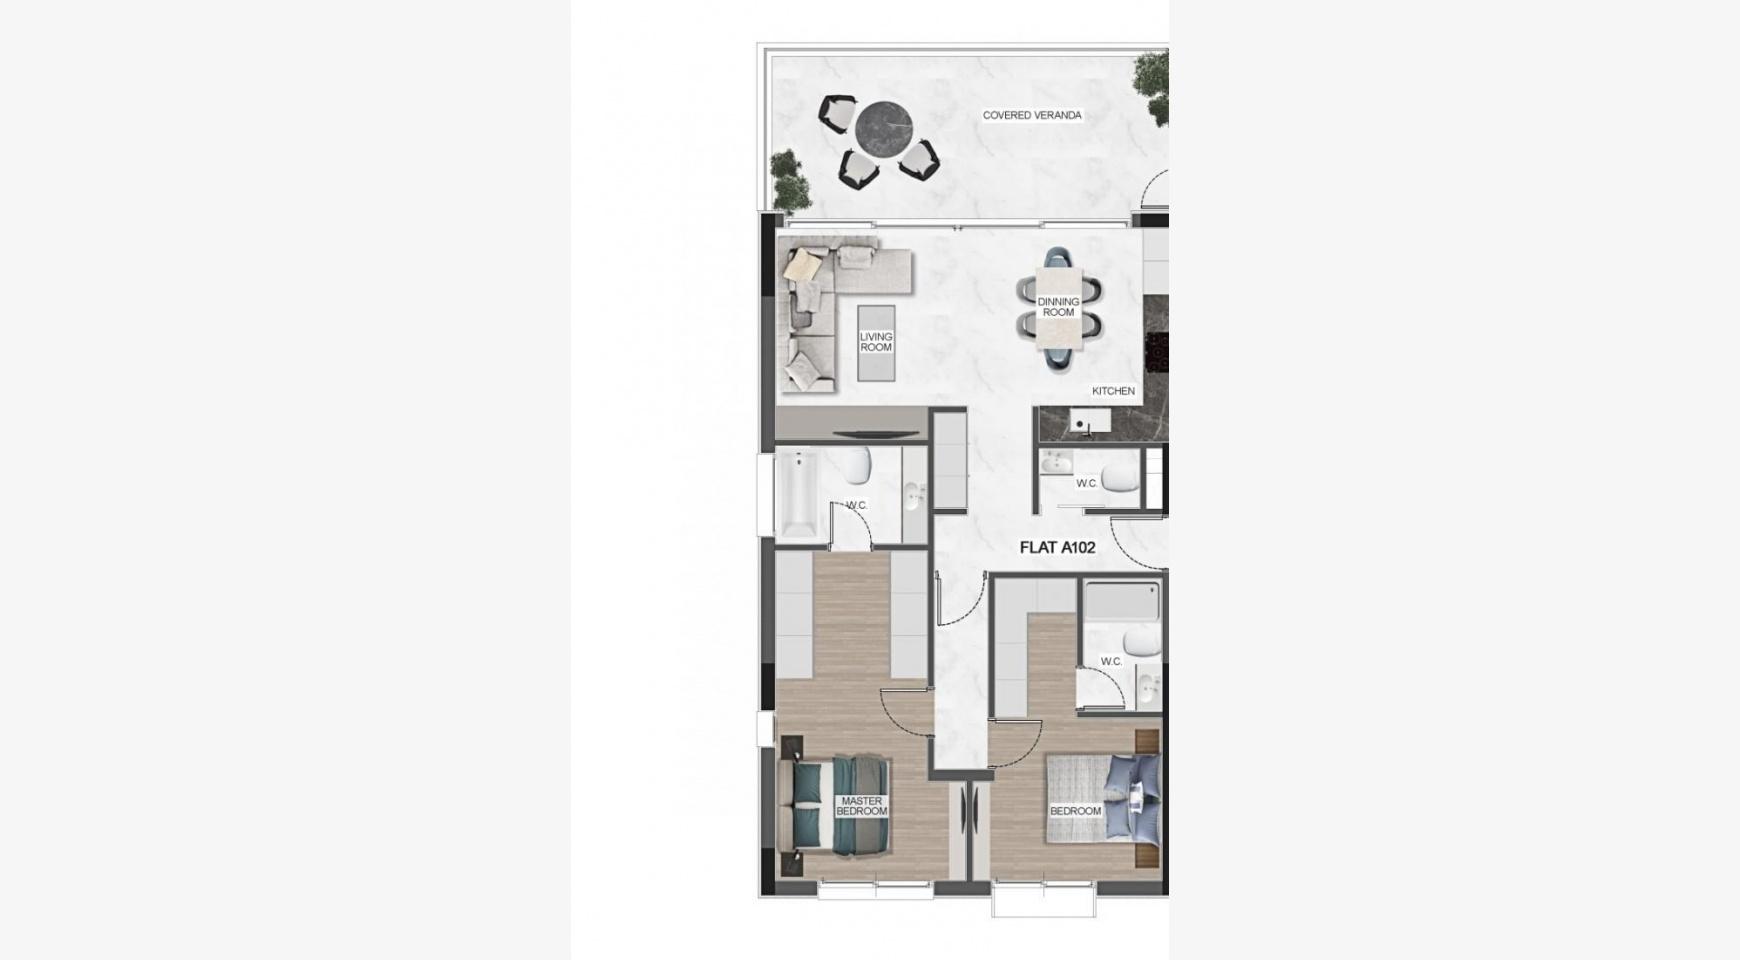 Urban City Residences, Кв. В 501. 3-Спальная Квартира в Новом Комплексе в Центре Города - 42